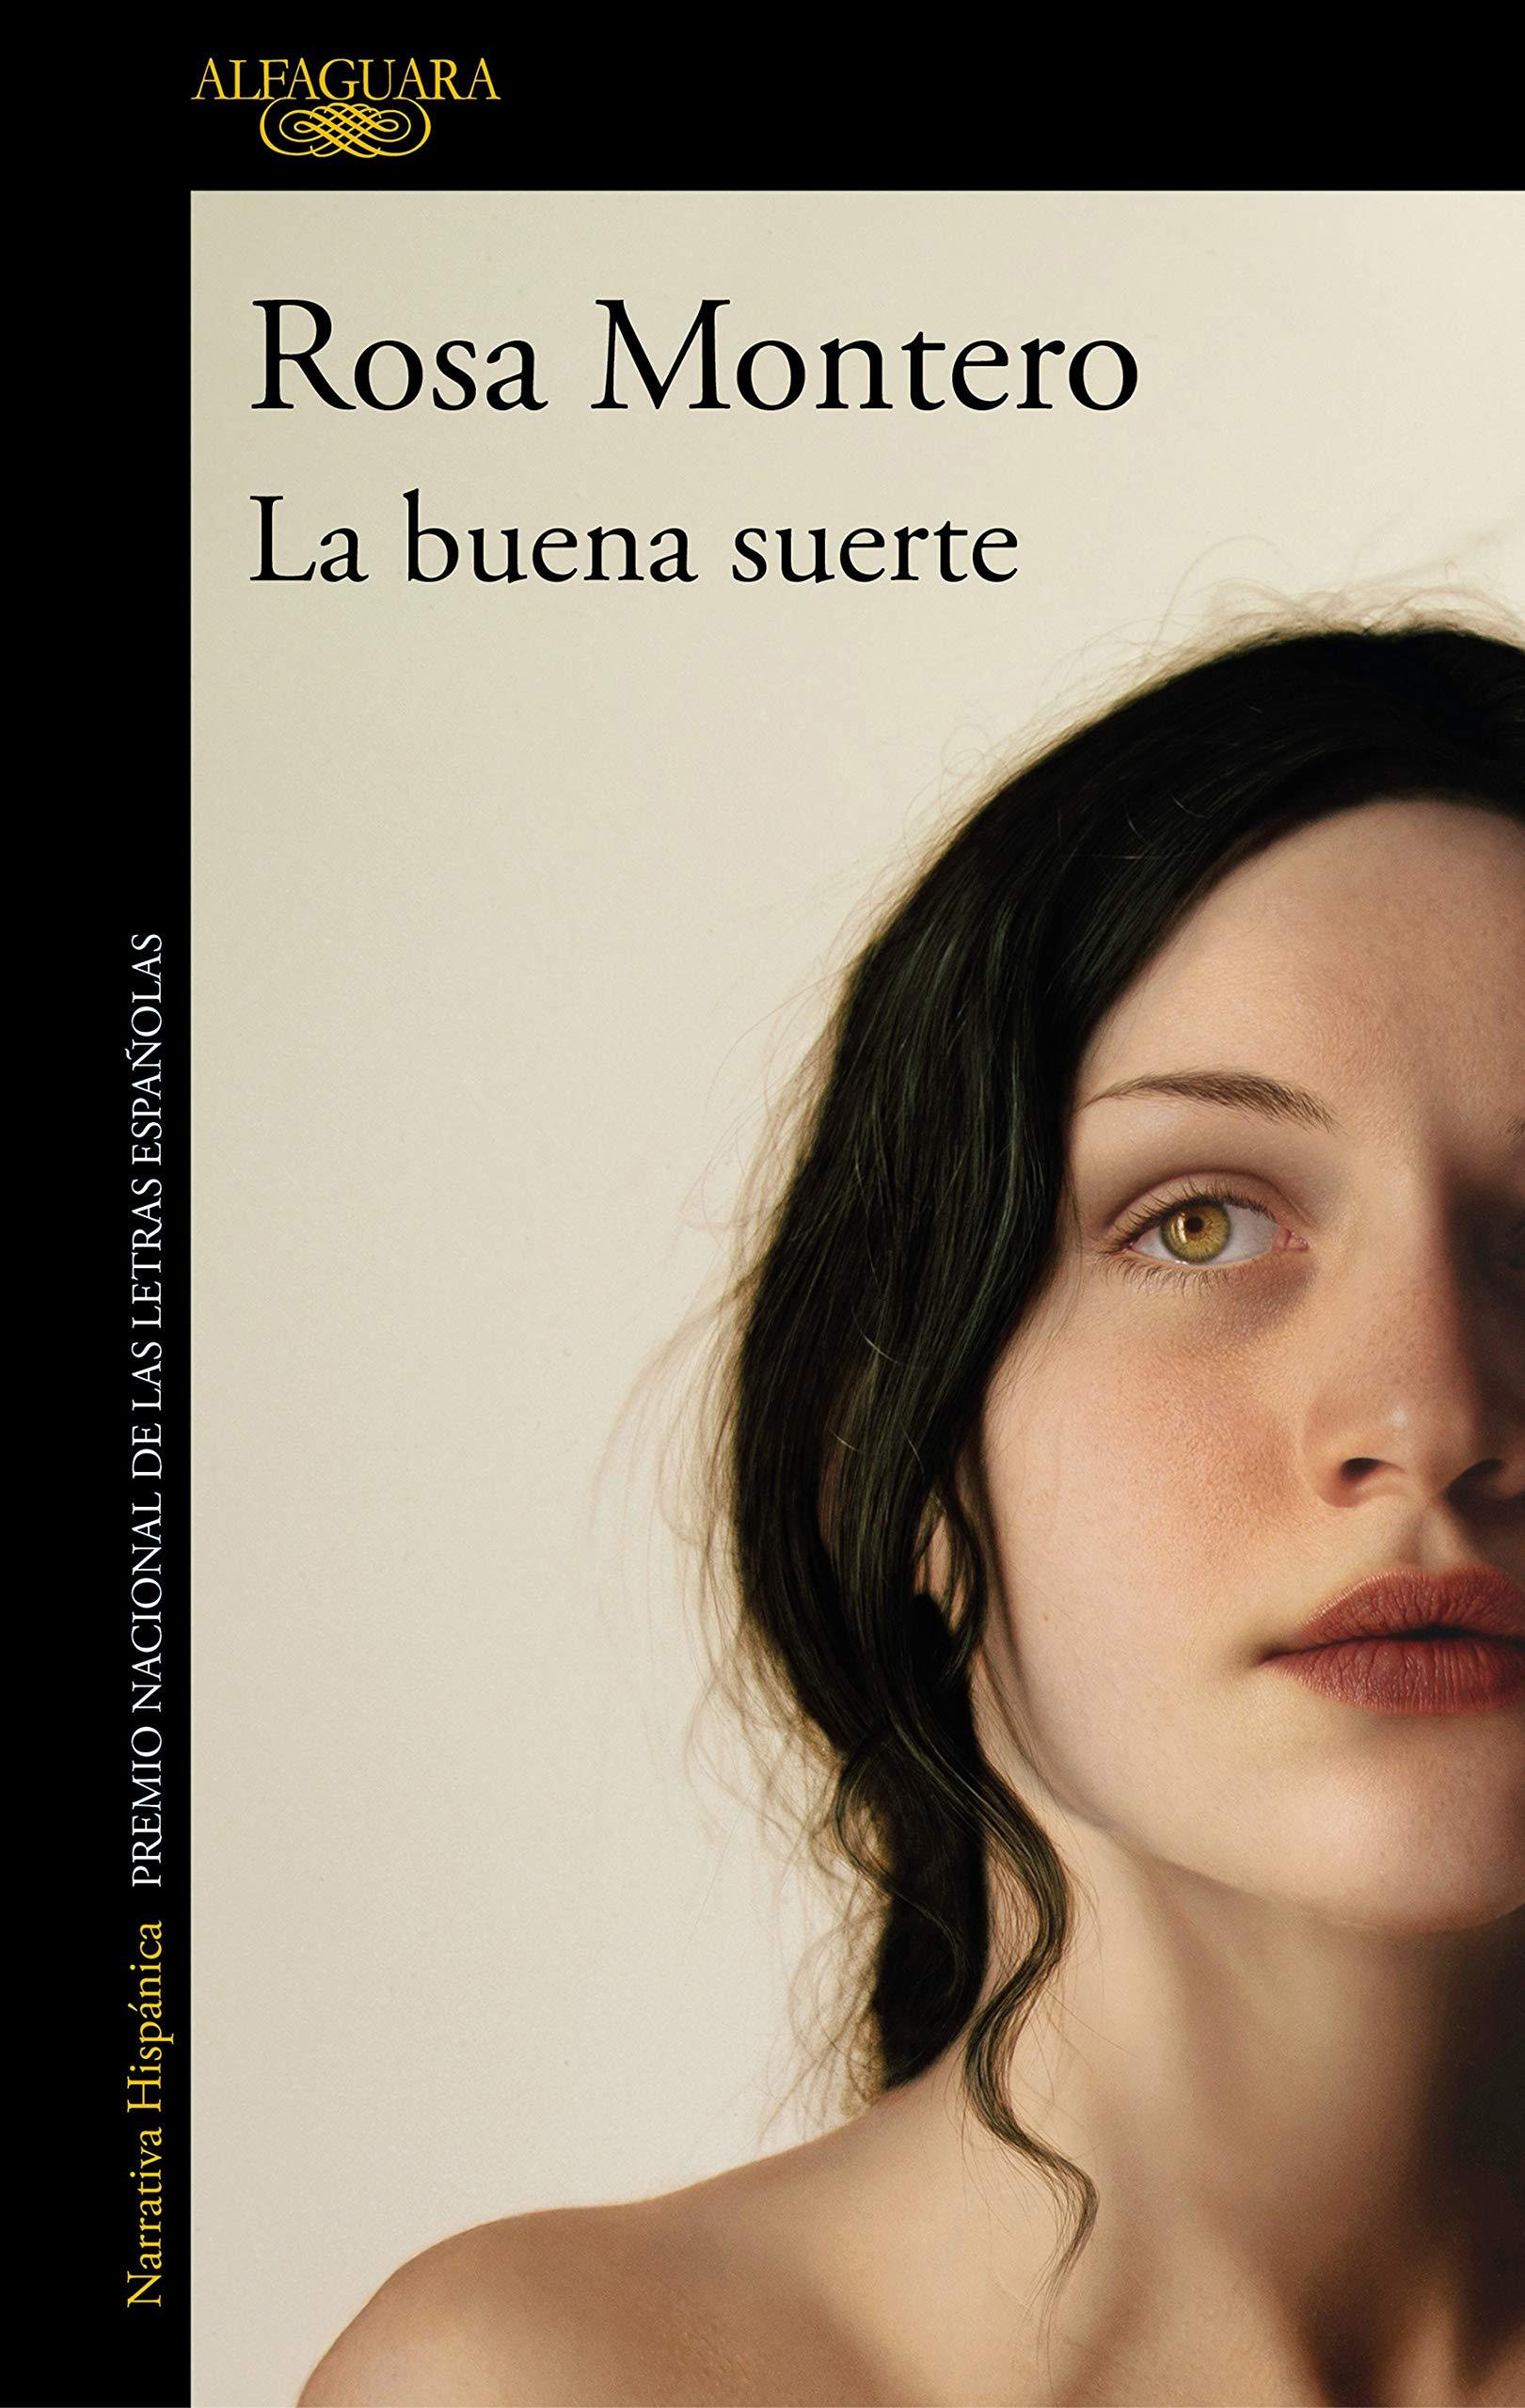 La buena suerte, de Rosa Montero